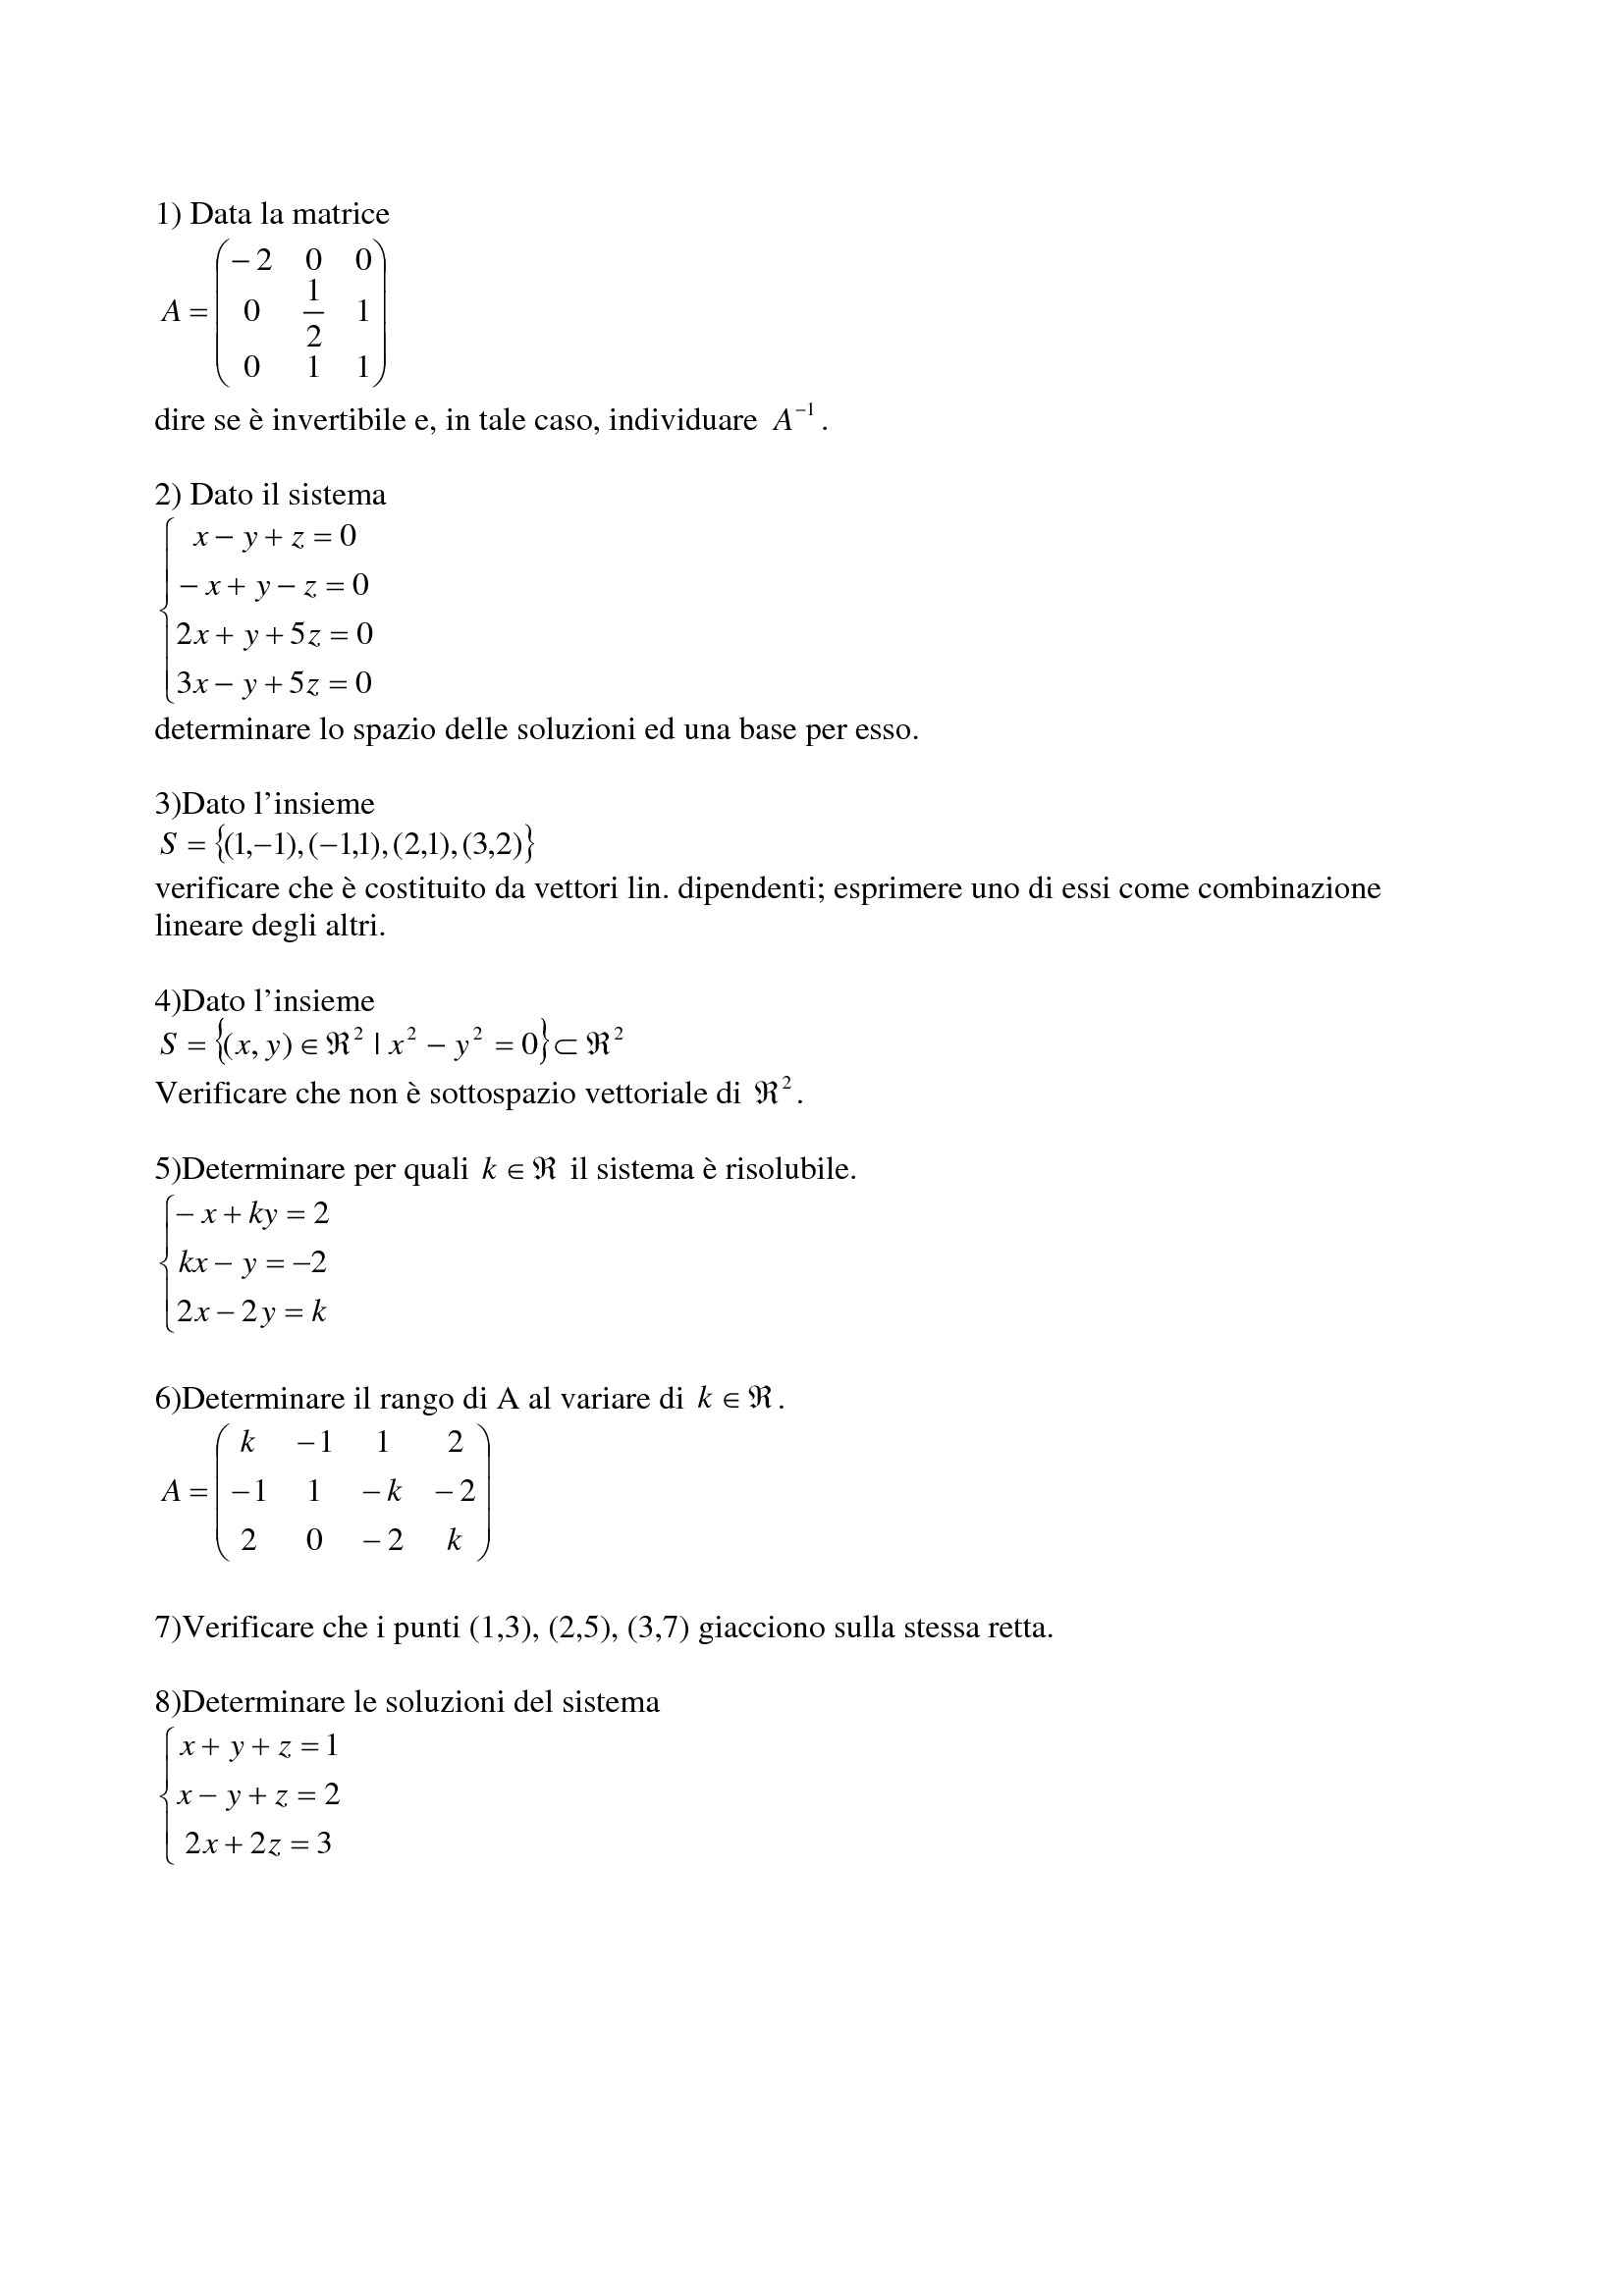 Matematica Generale - Matrice, vettori, rette